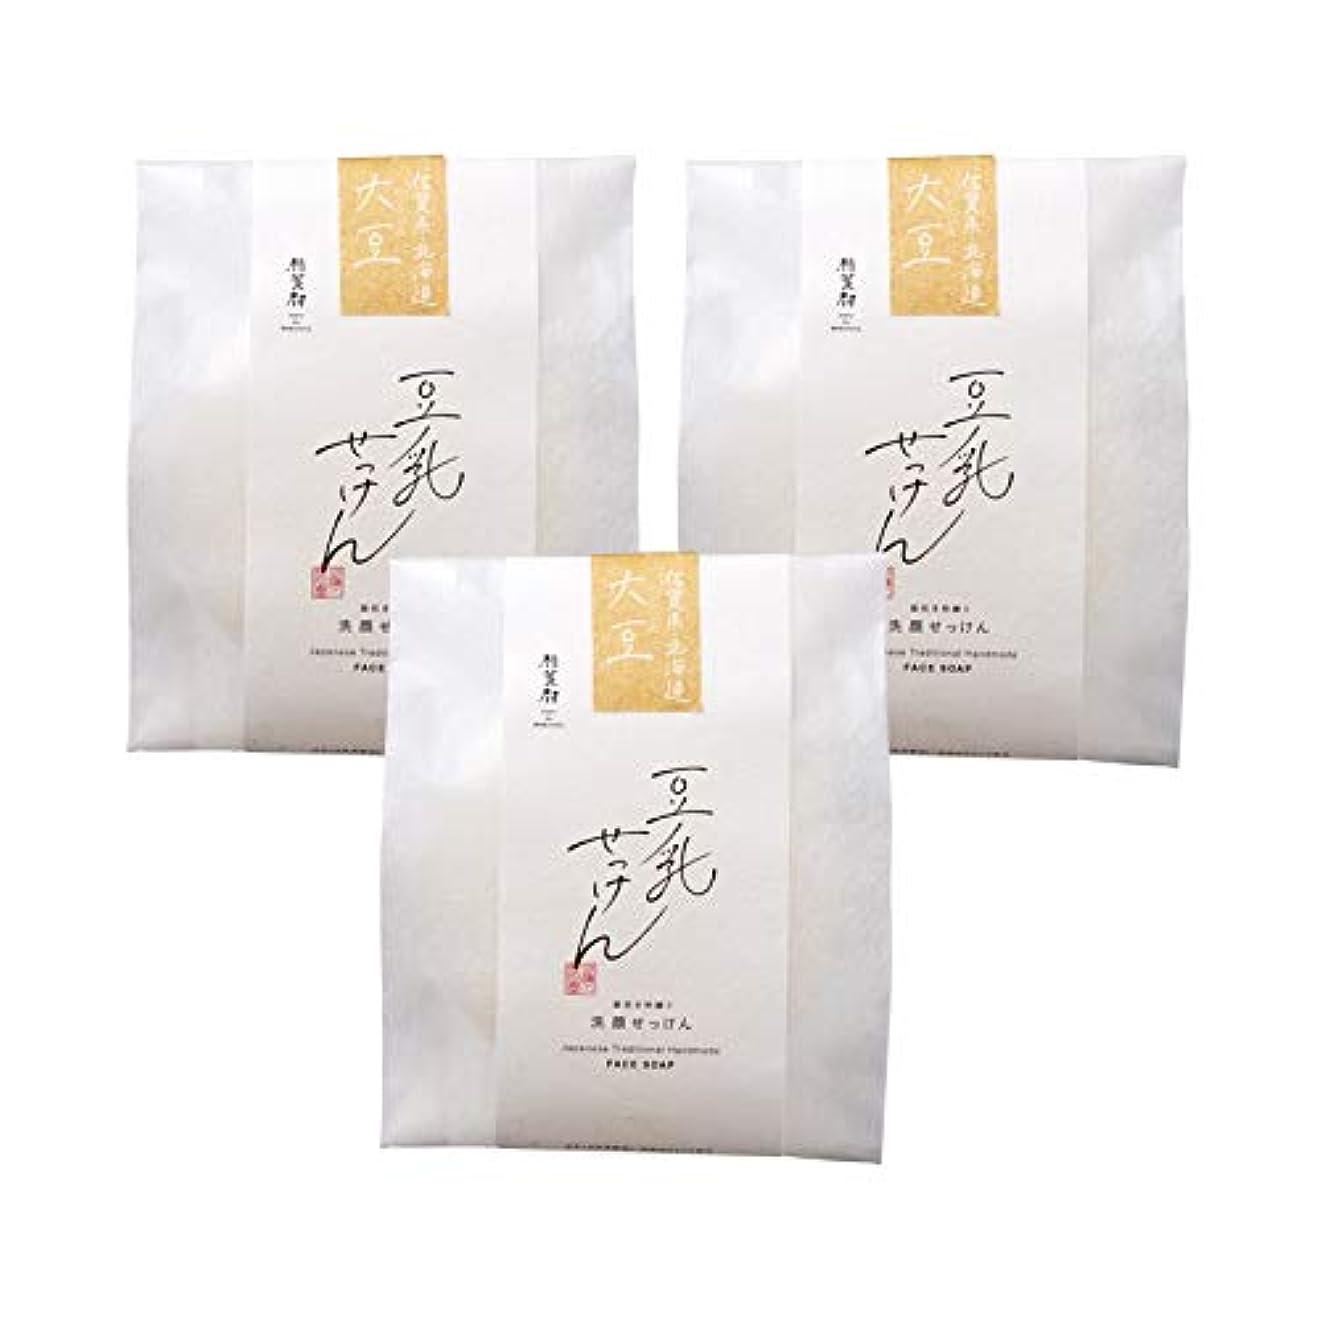 進捗それぞれ裁量豆腐の盛田屋 豆乳せっけん 自然生活 100g×3個セット